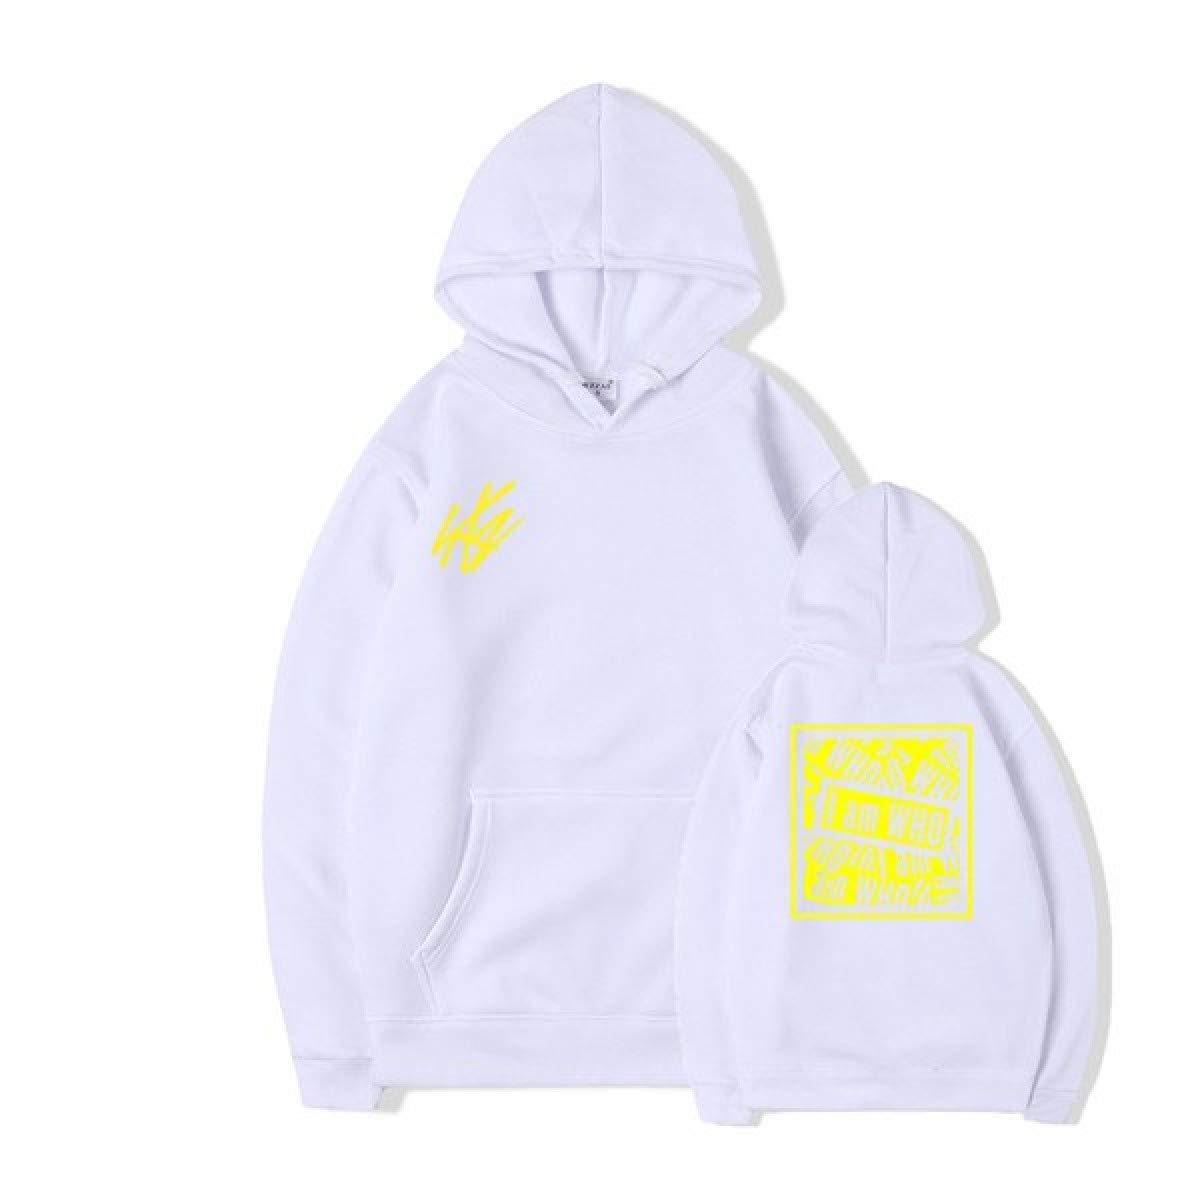 32bcf74f4 White White White FALCON_STORE Hoodies Men Women Hooded Boyfriend Style  Unisex Fleece Hooded Sweatshirt Coats 564f20